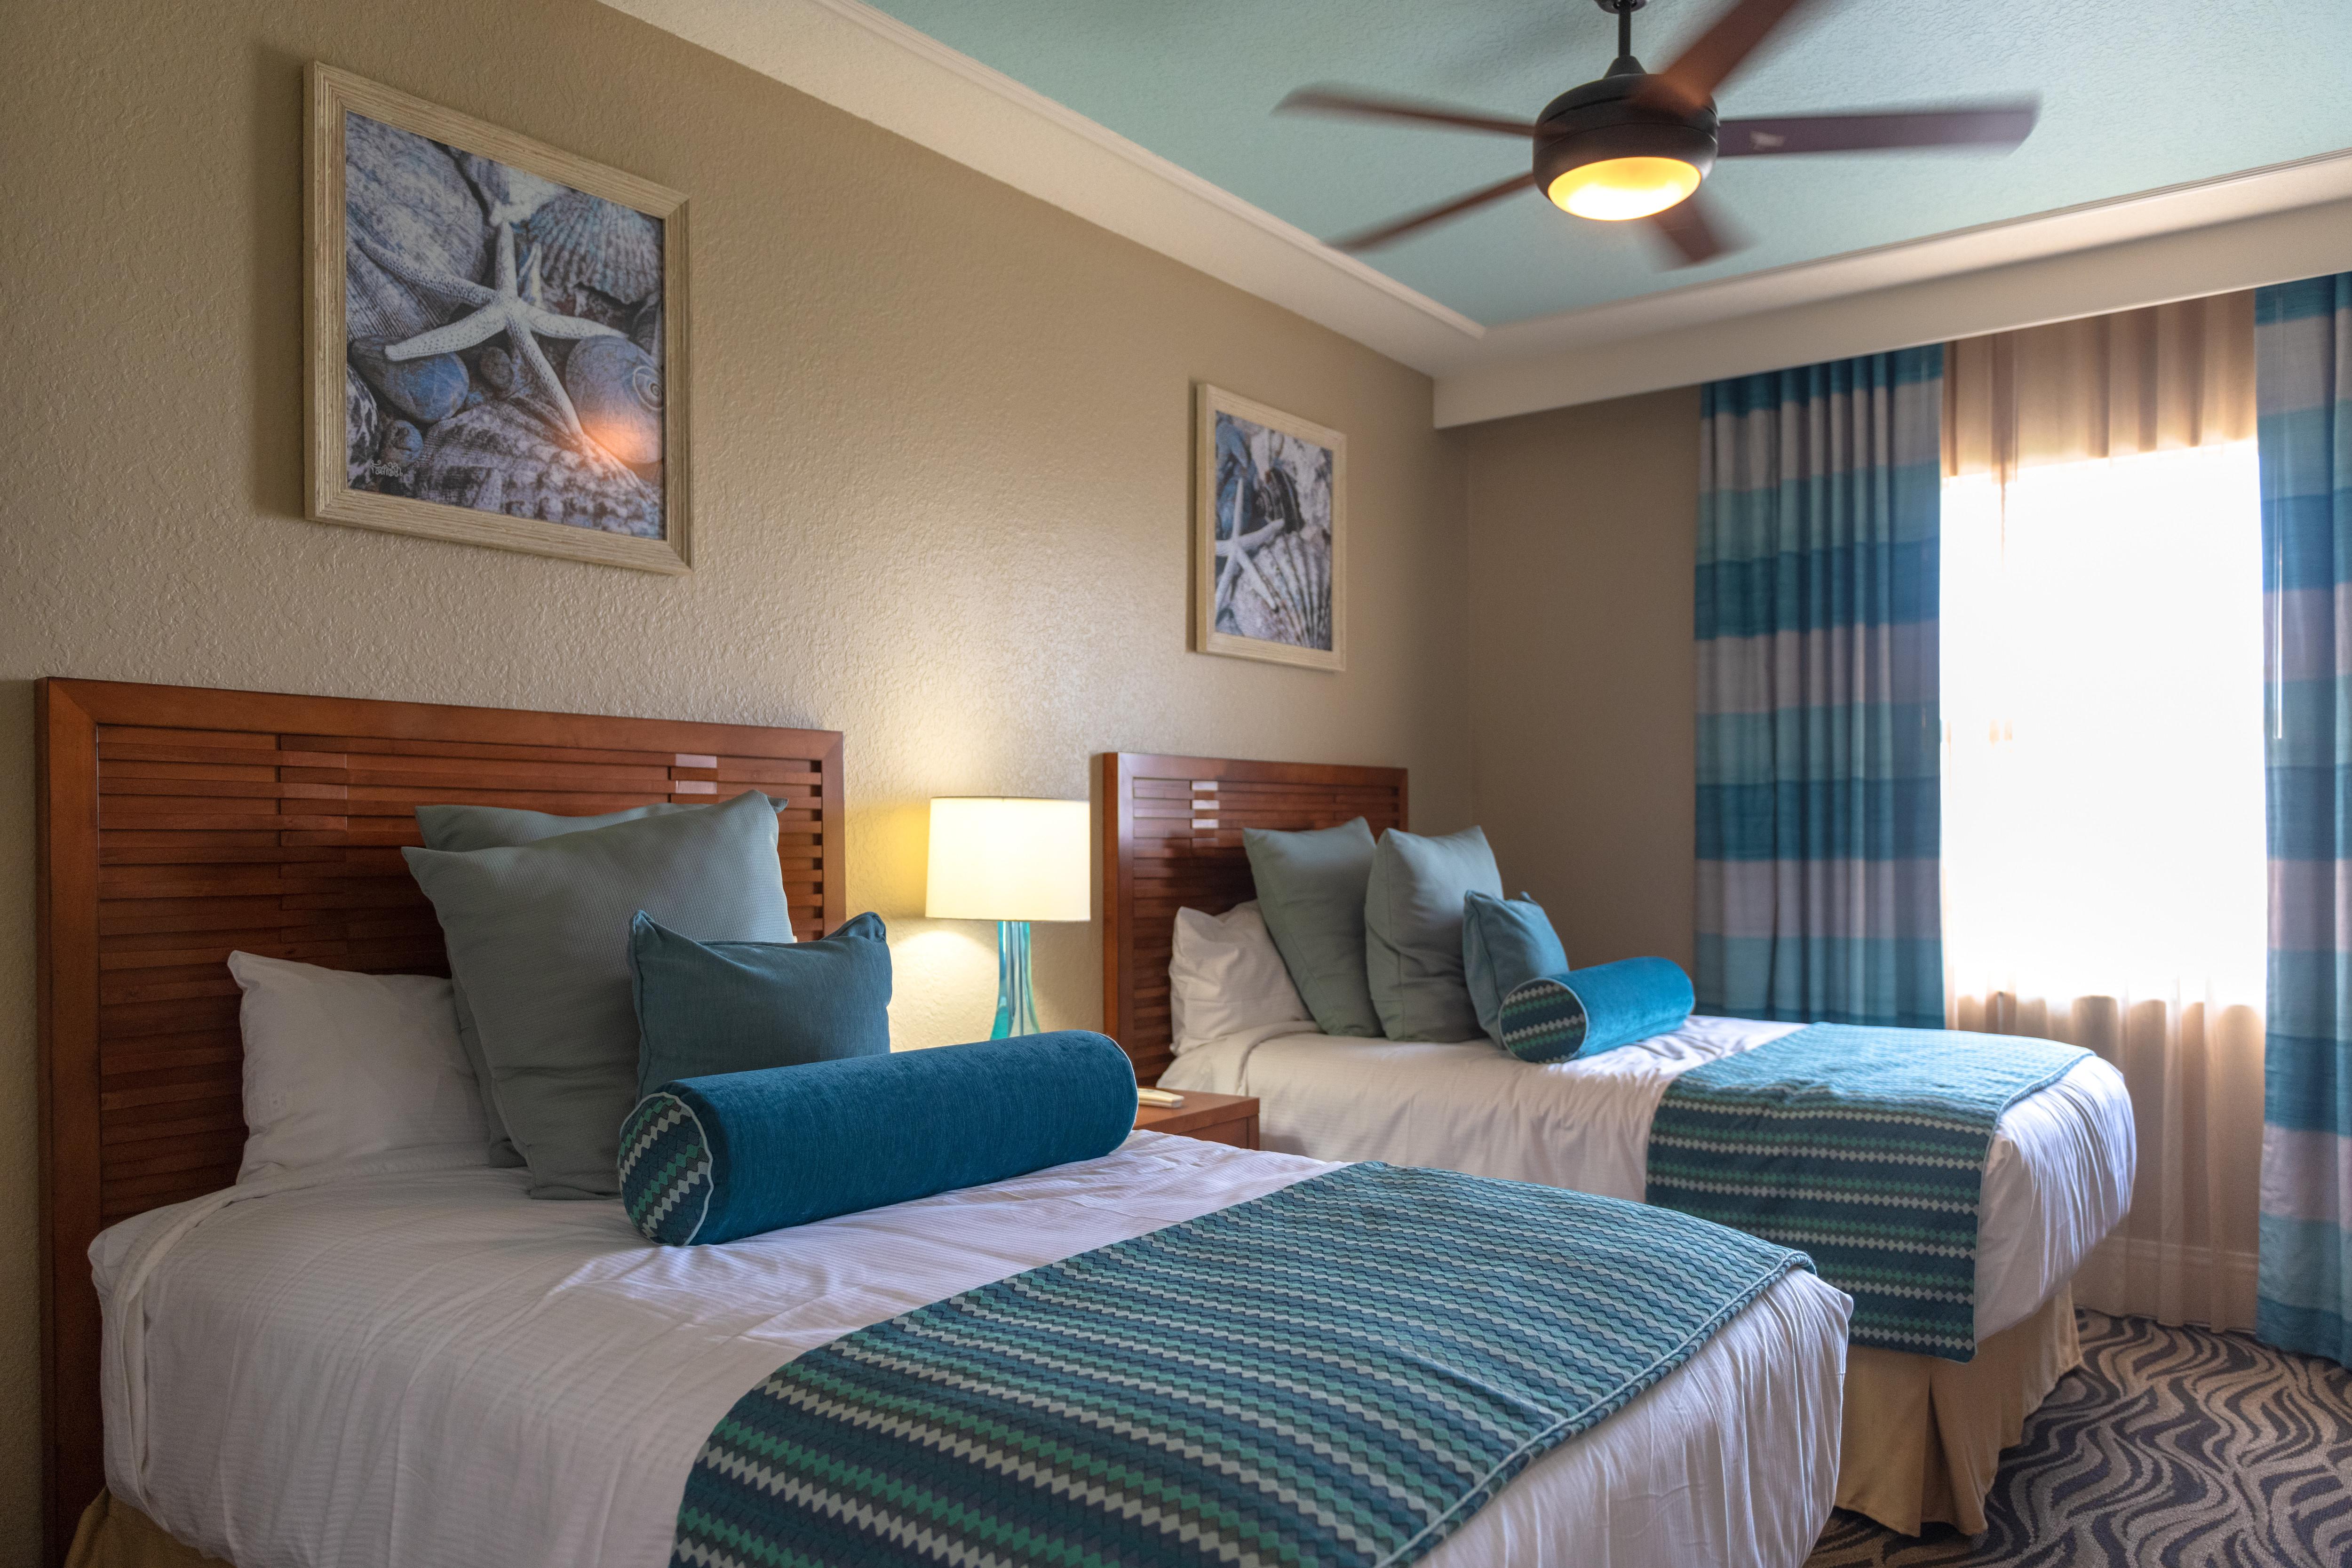 温德姆棕榈空气度假村的豪华卧室。。。